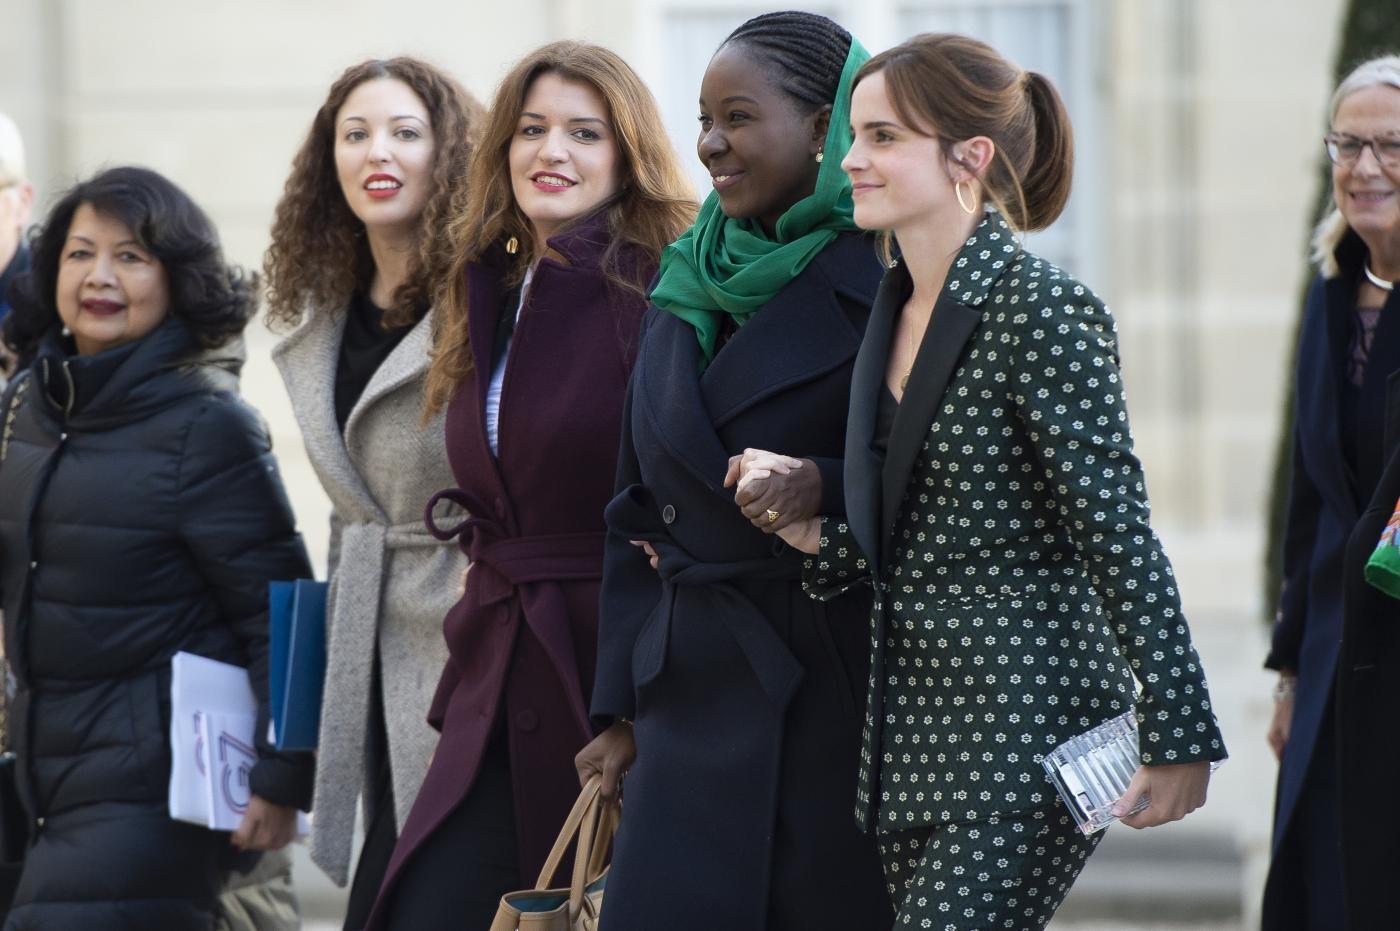 Emma Watson incontra Macron: continua il suo attivismo per la parità di genere